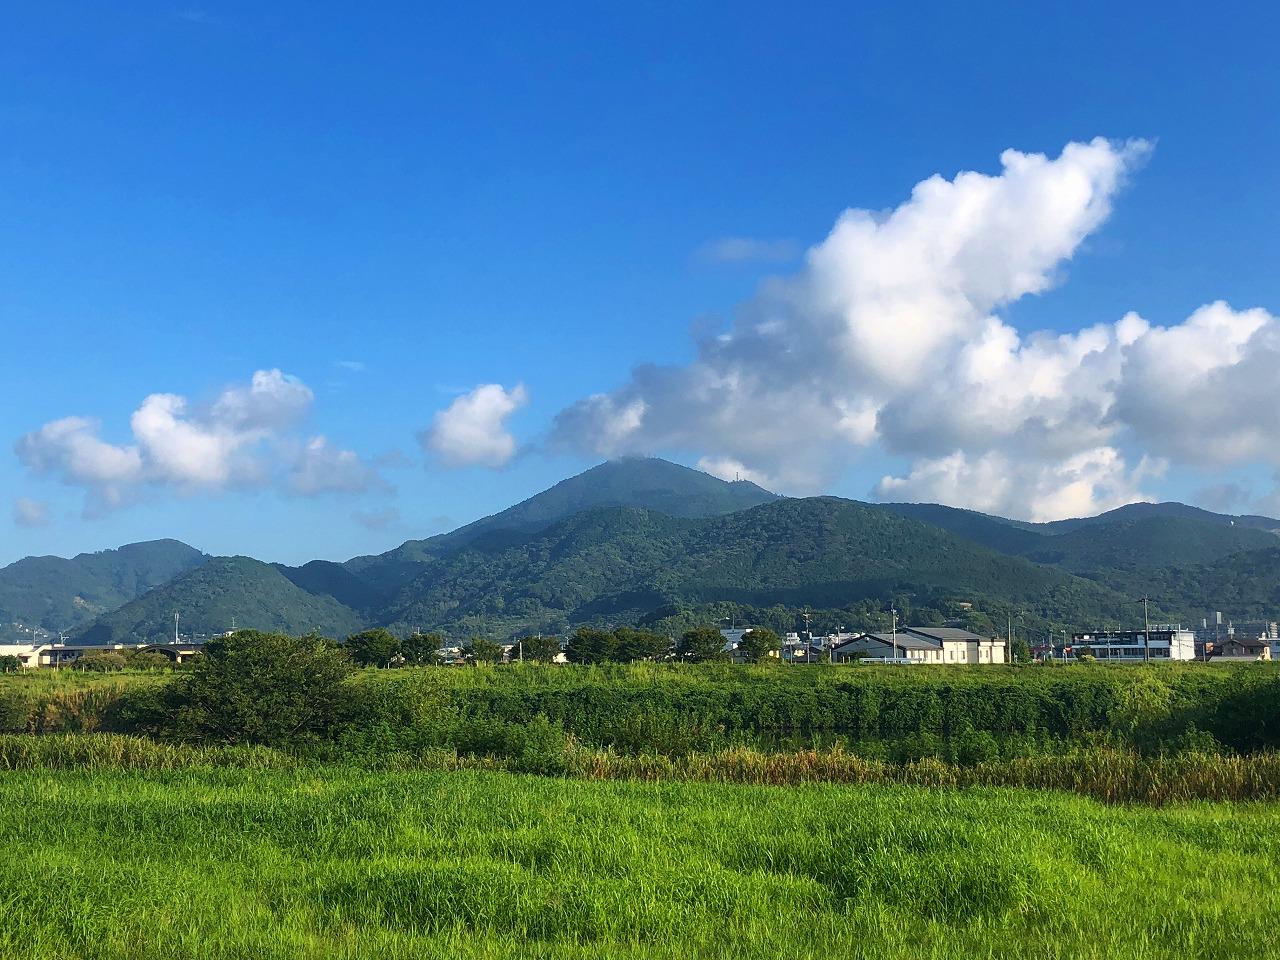 2018.8.28今朝の金峰山です。